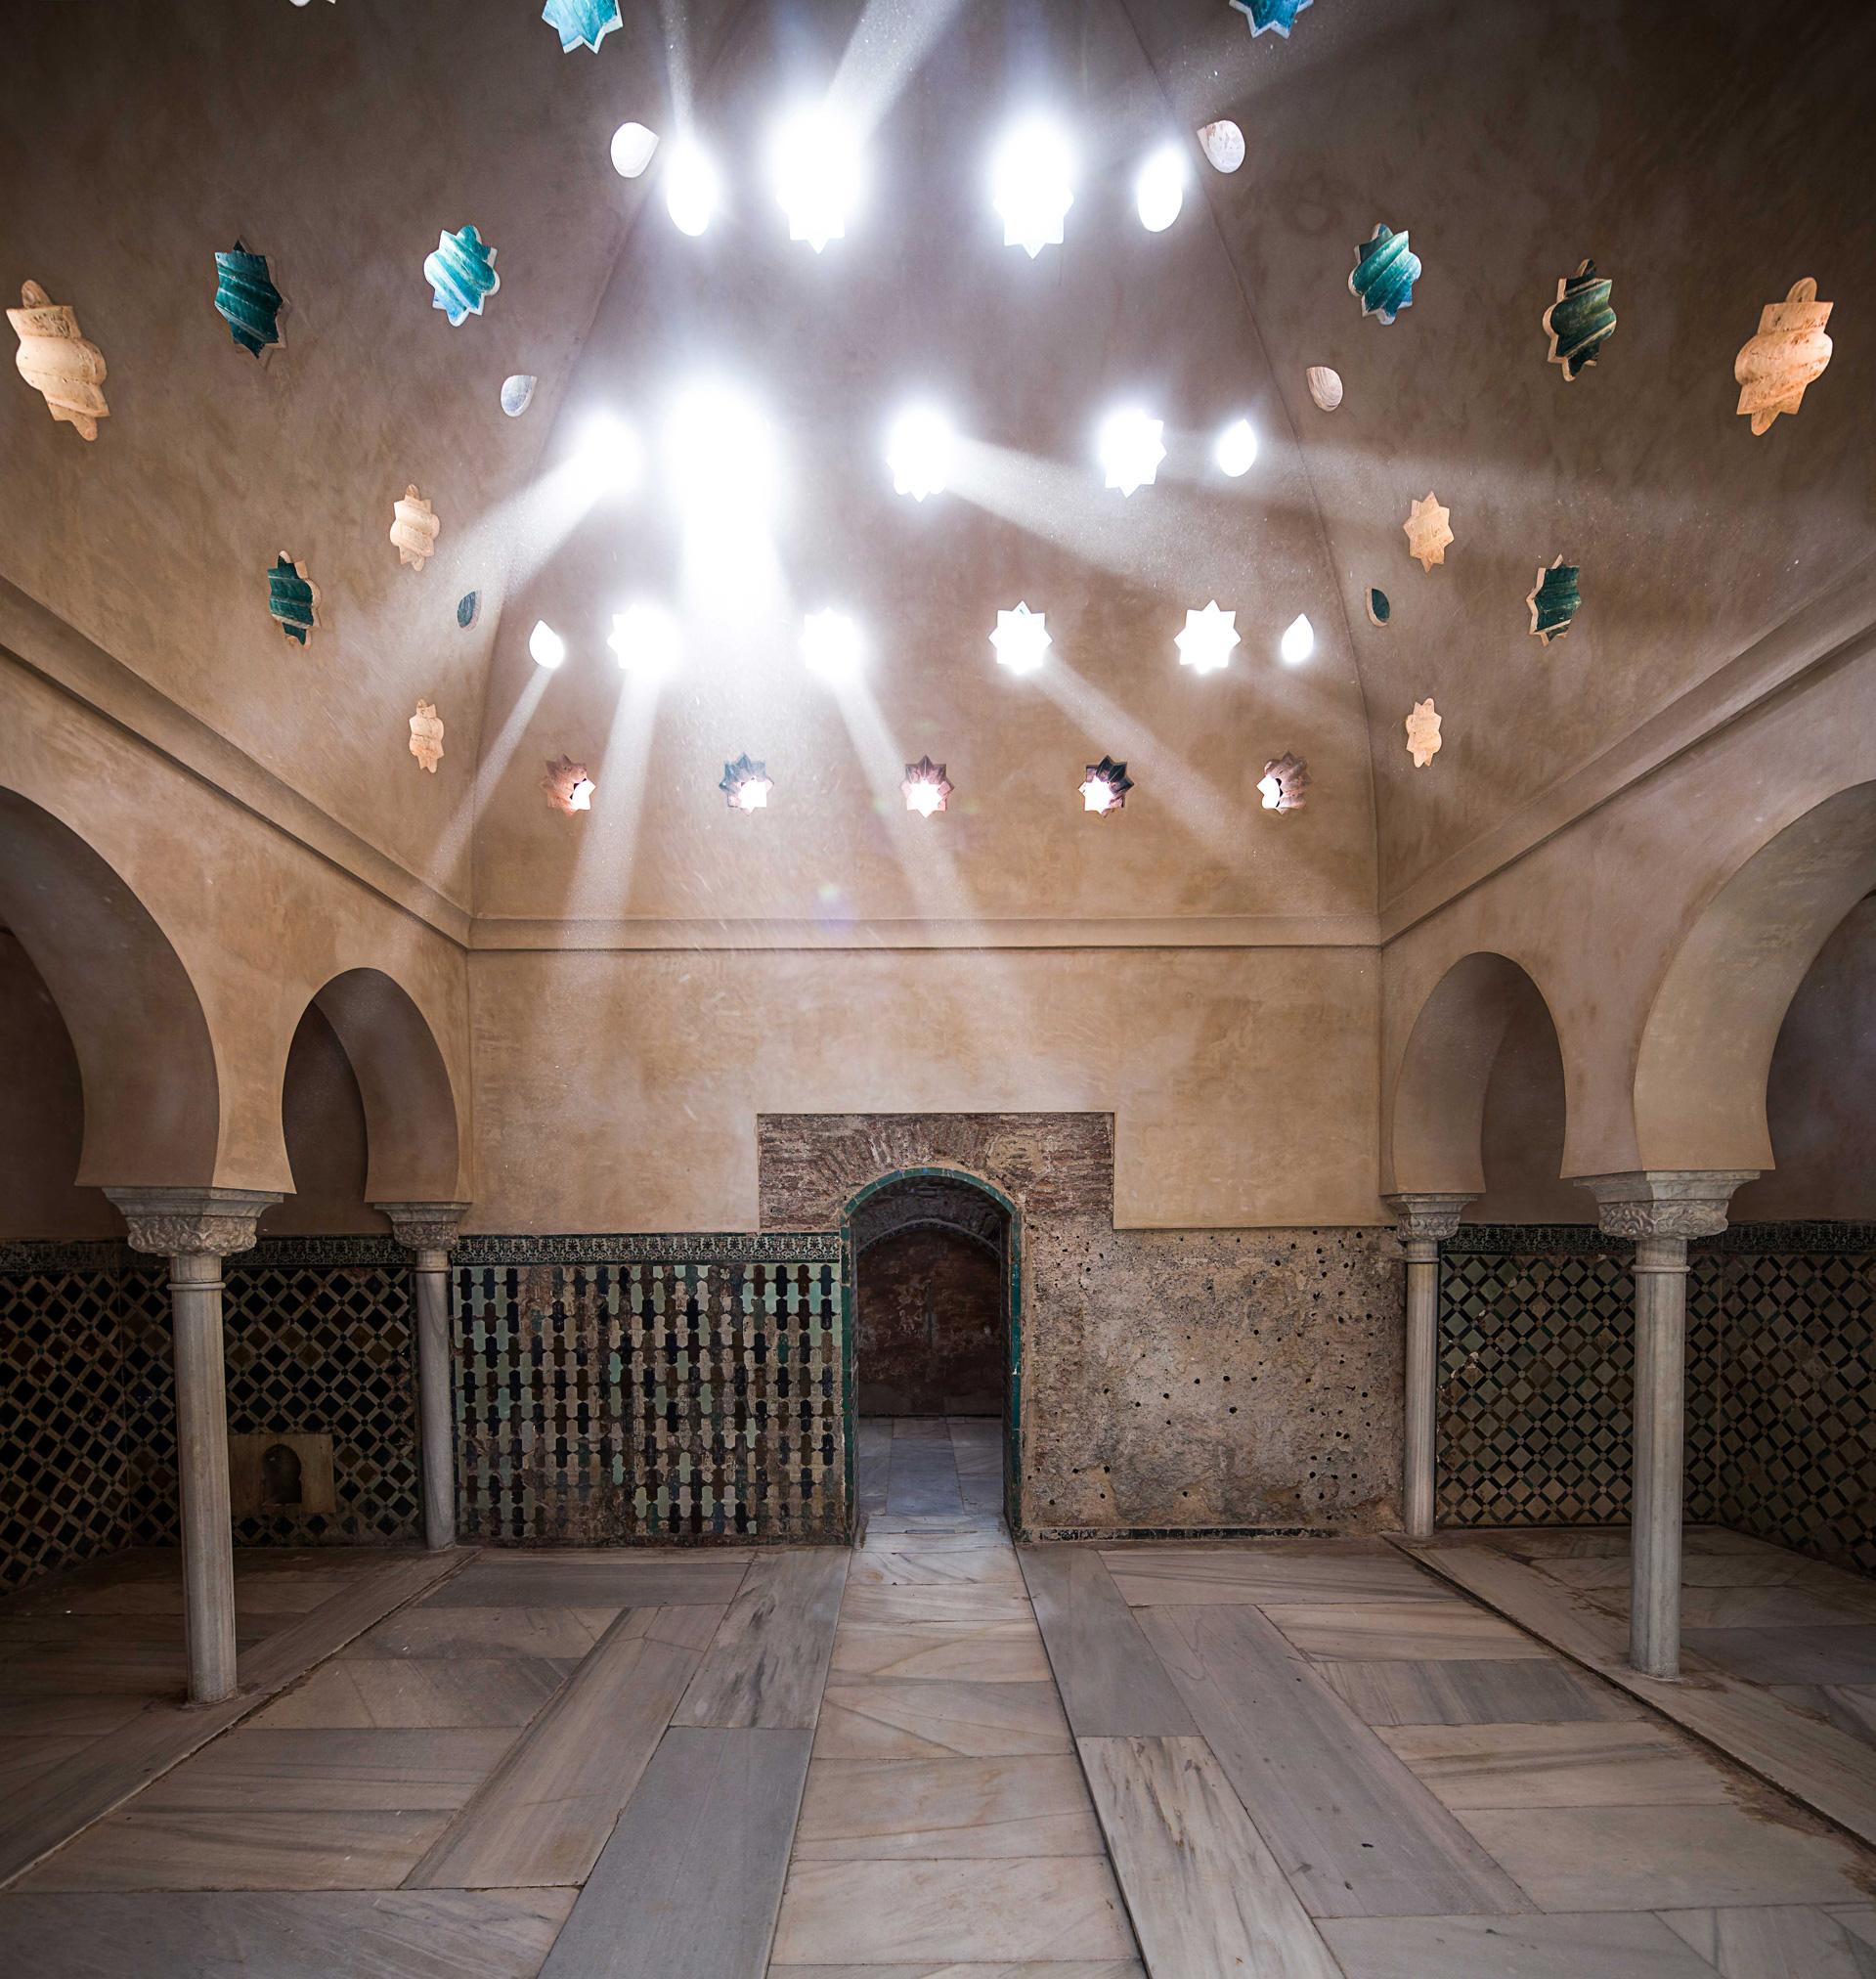 La Alhambra finaliza la restauración de las cubiertas y paramentos interiores del Baño Real de Comares